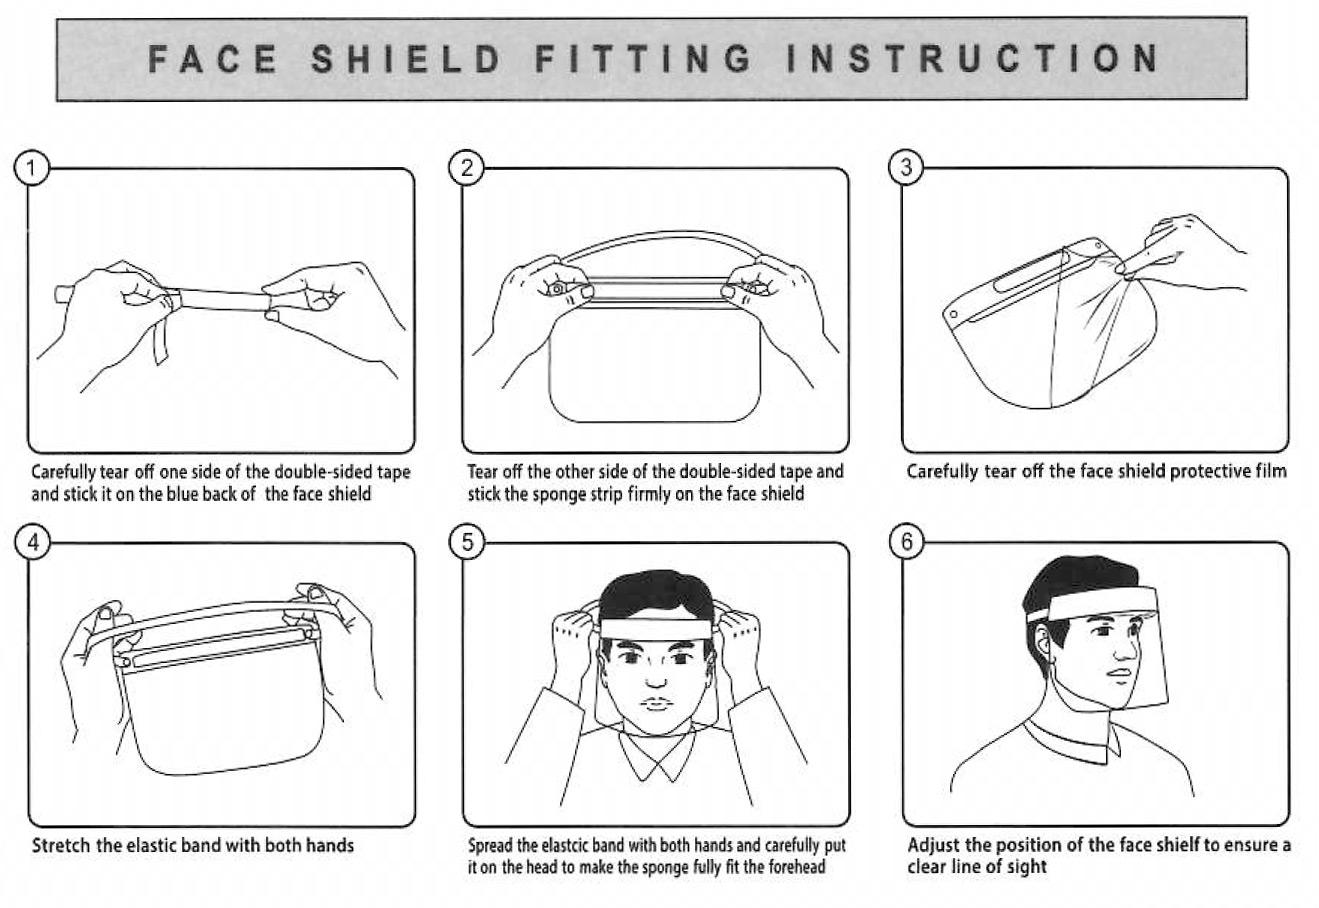 Návod k použití obličejového štítu